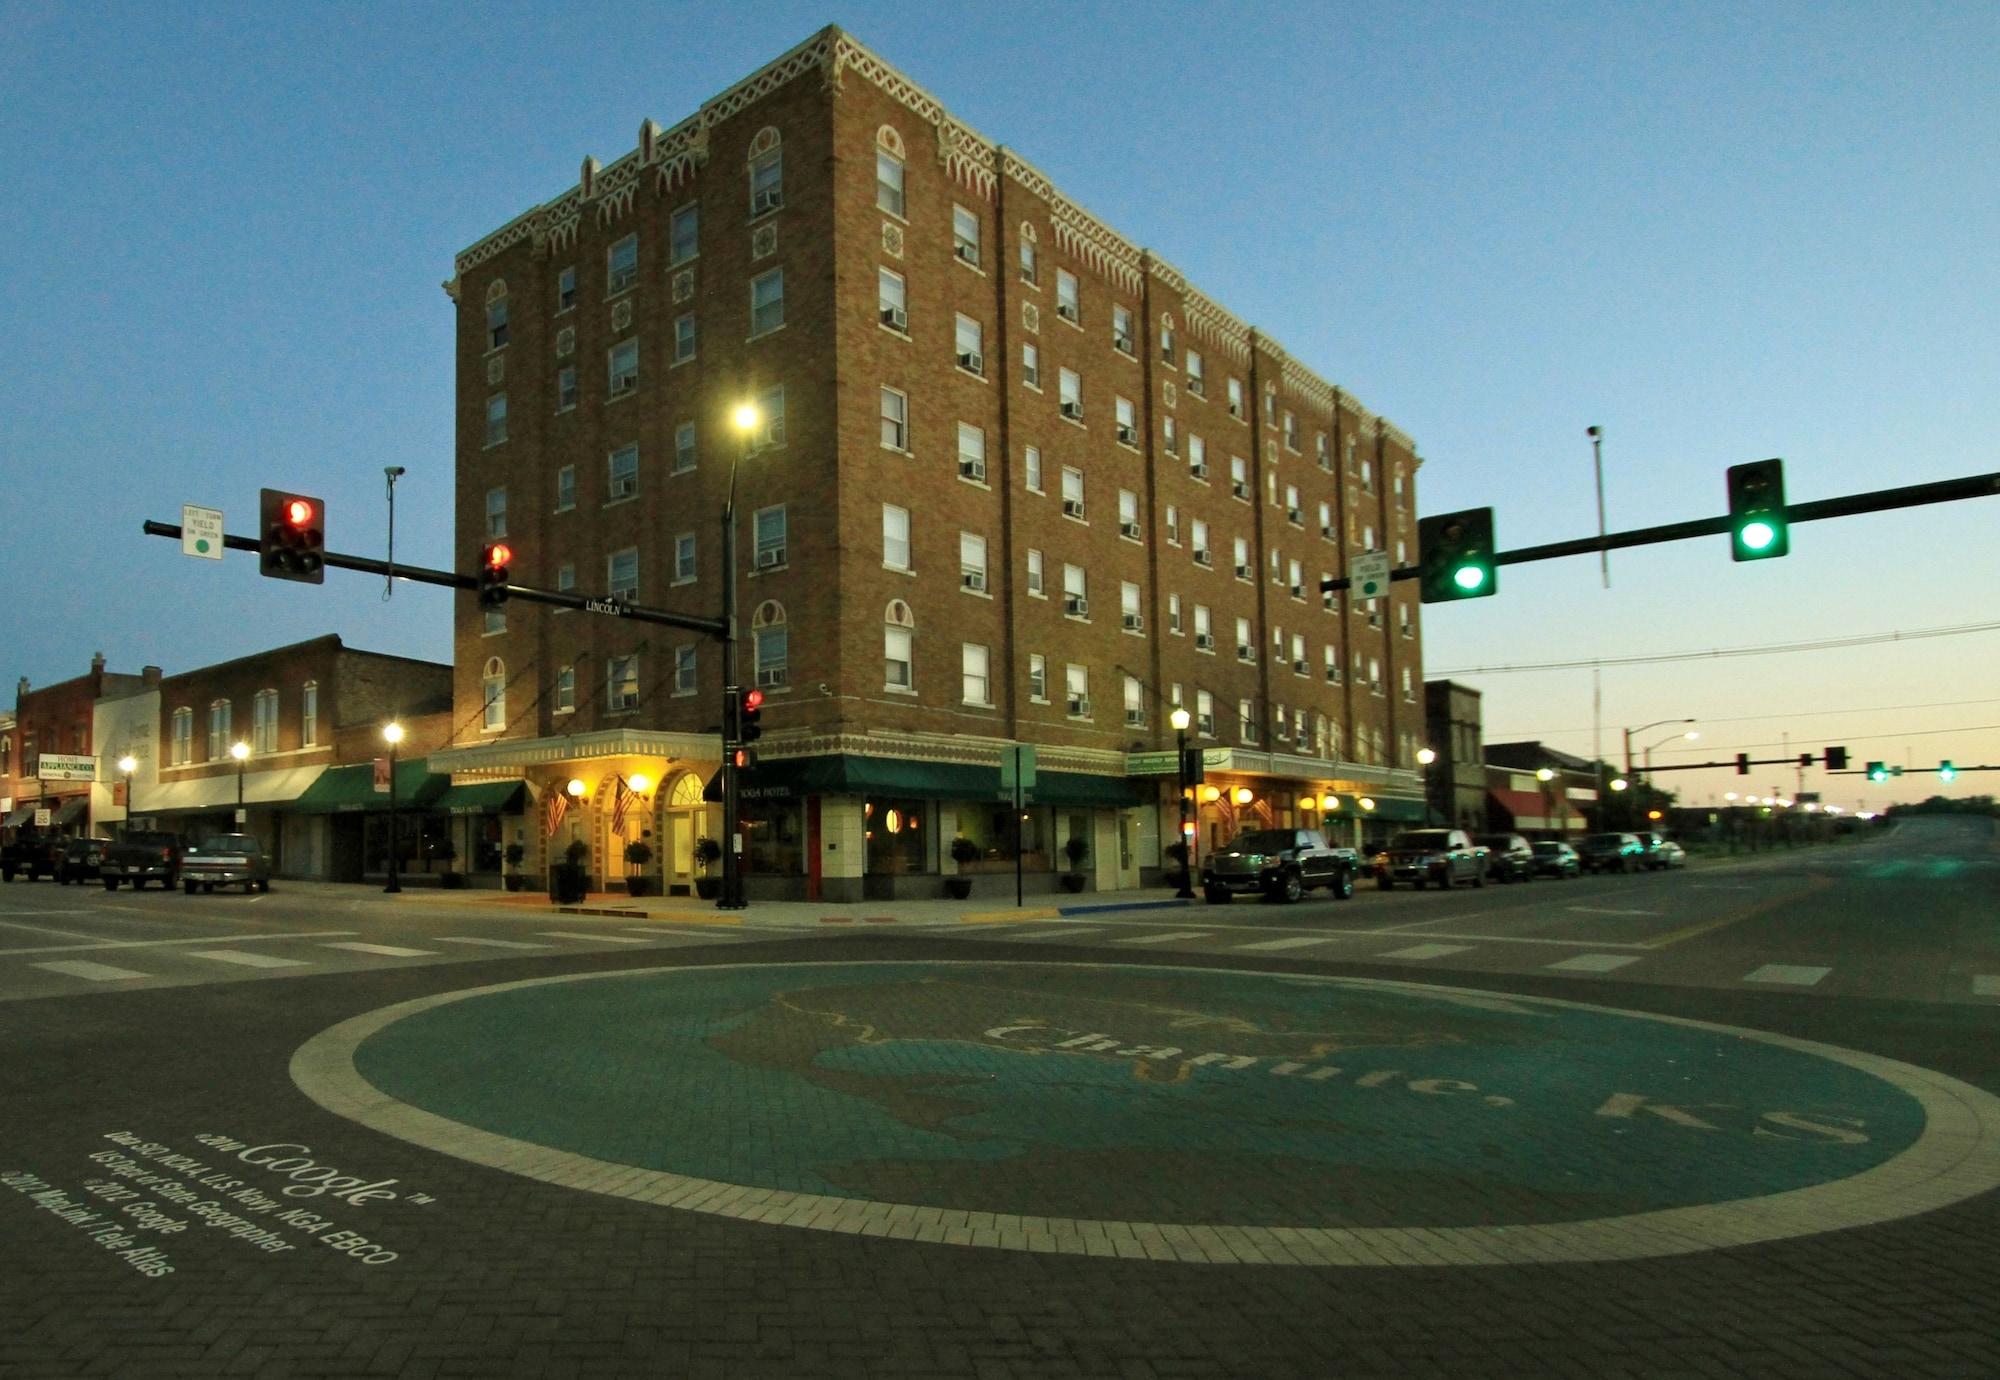 Walsh Hotel, Neosho